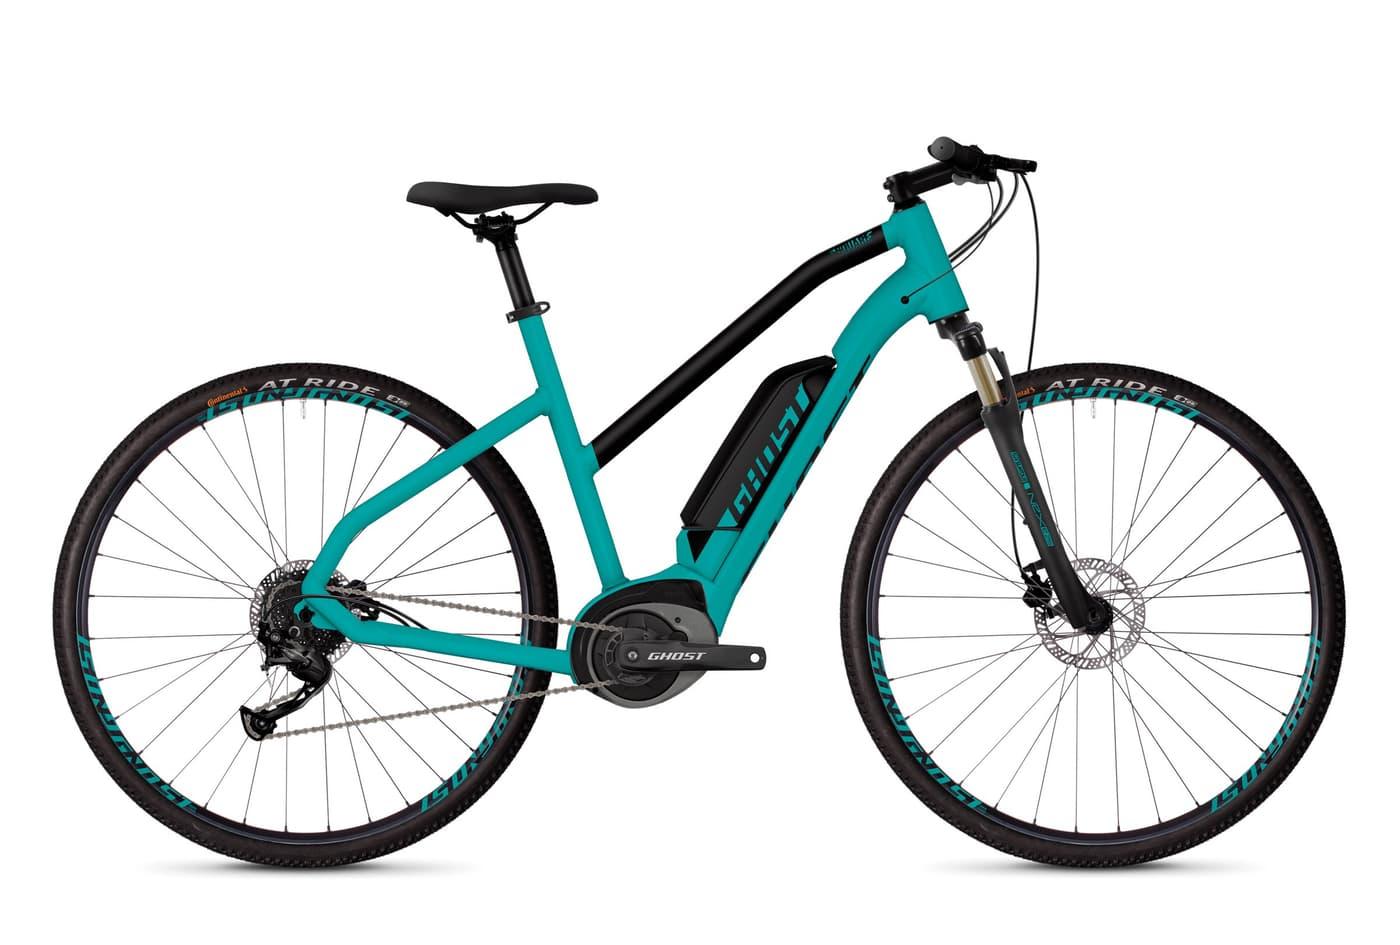 Ghost Square Cross B18 28 Bicicletta Elettrica Da Trekking